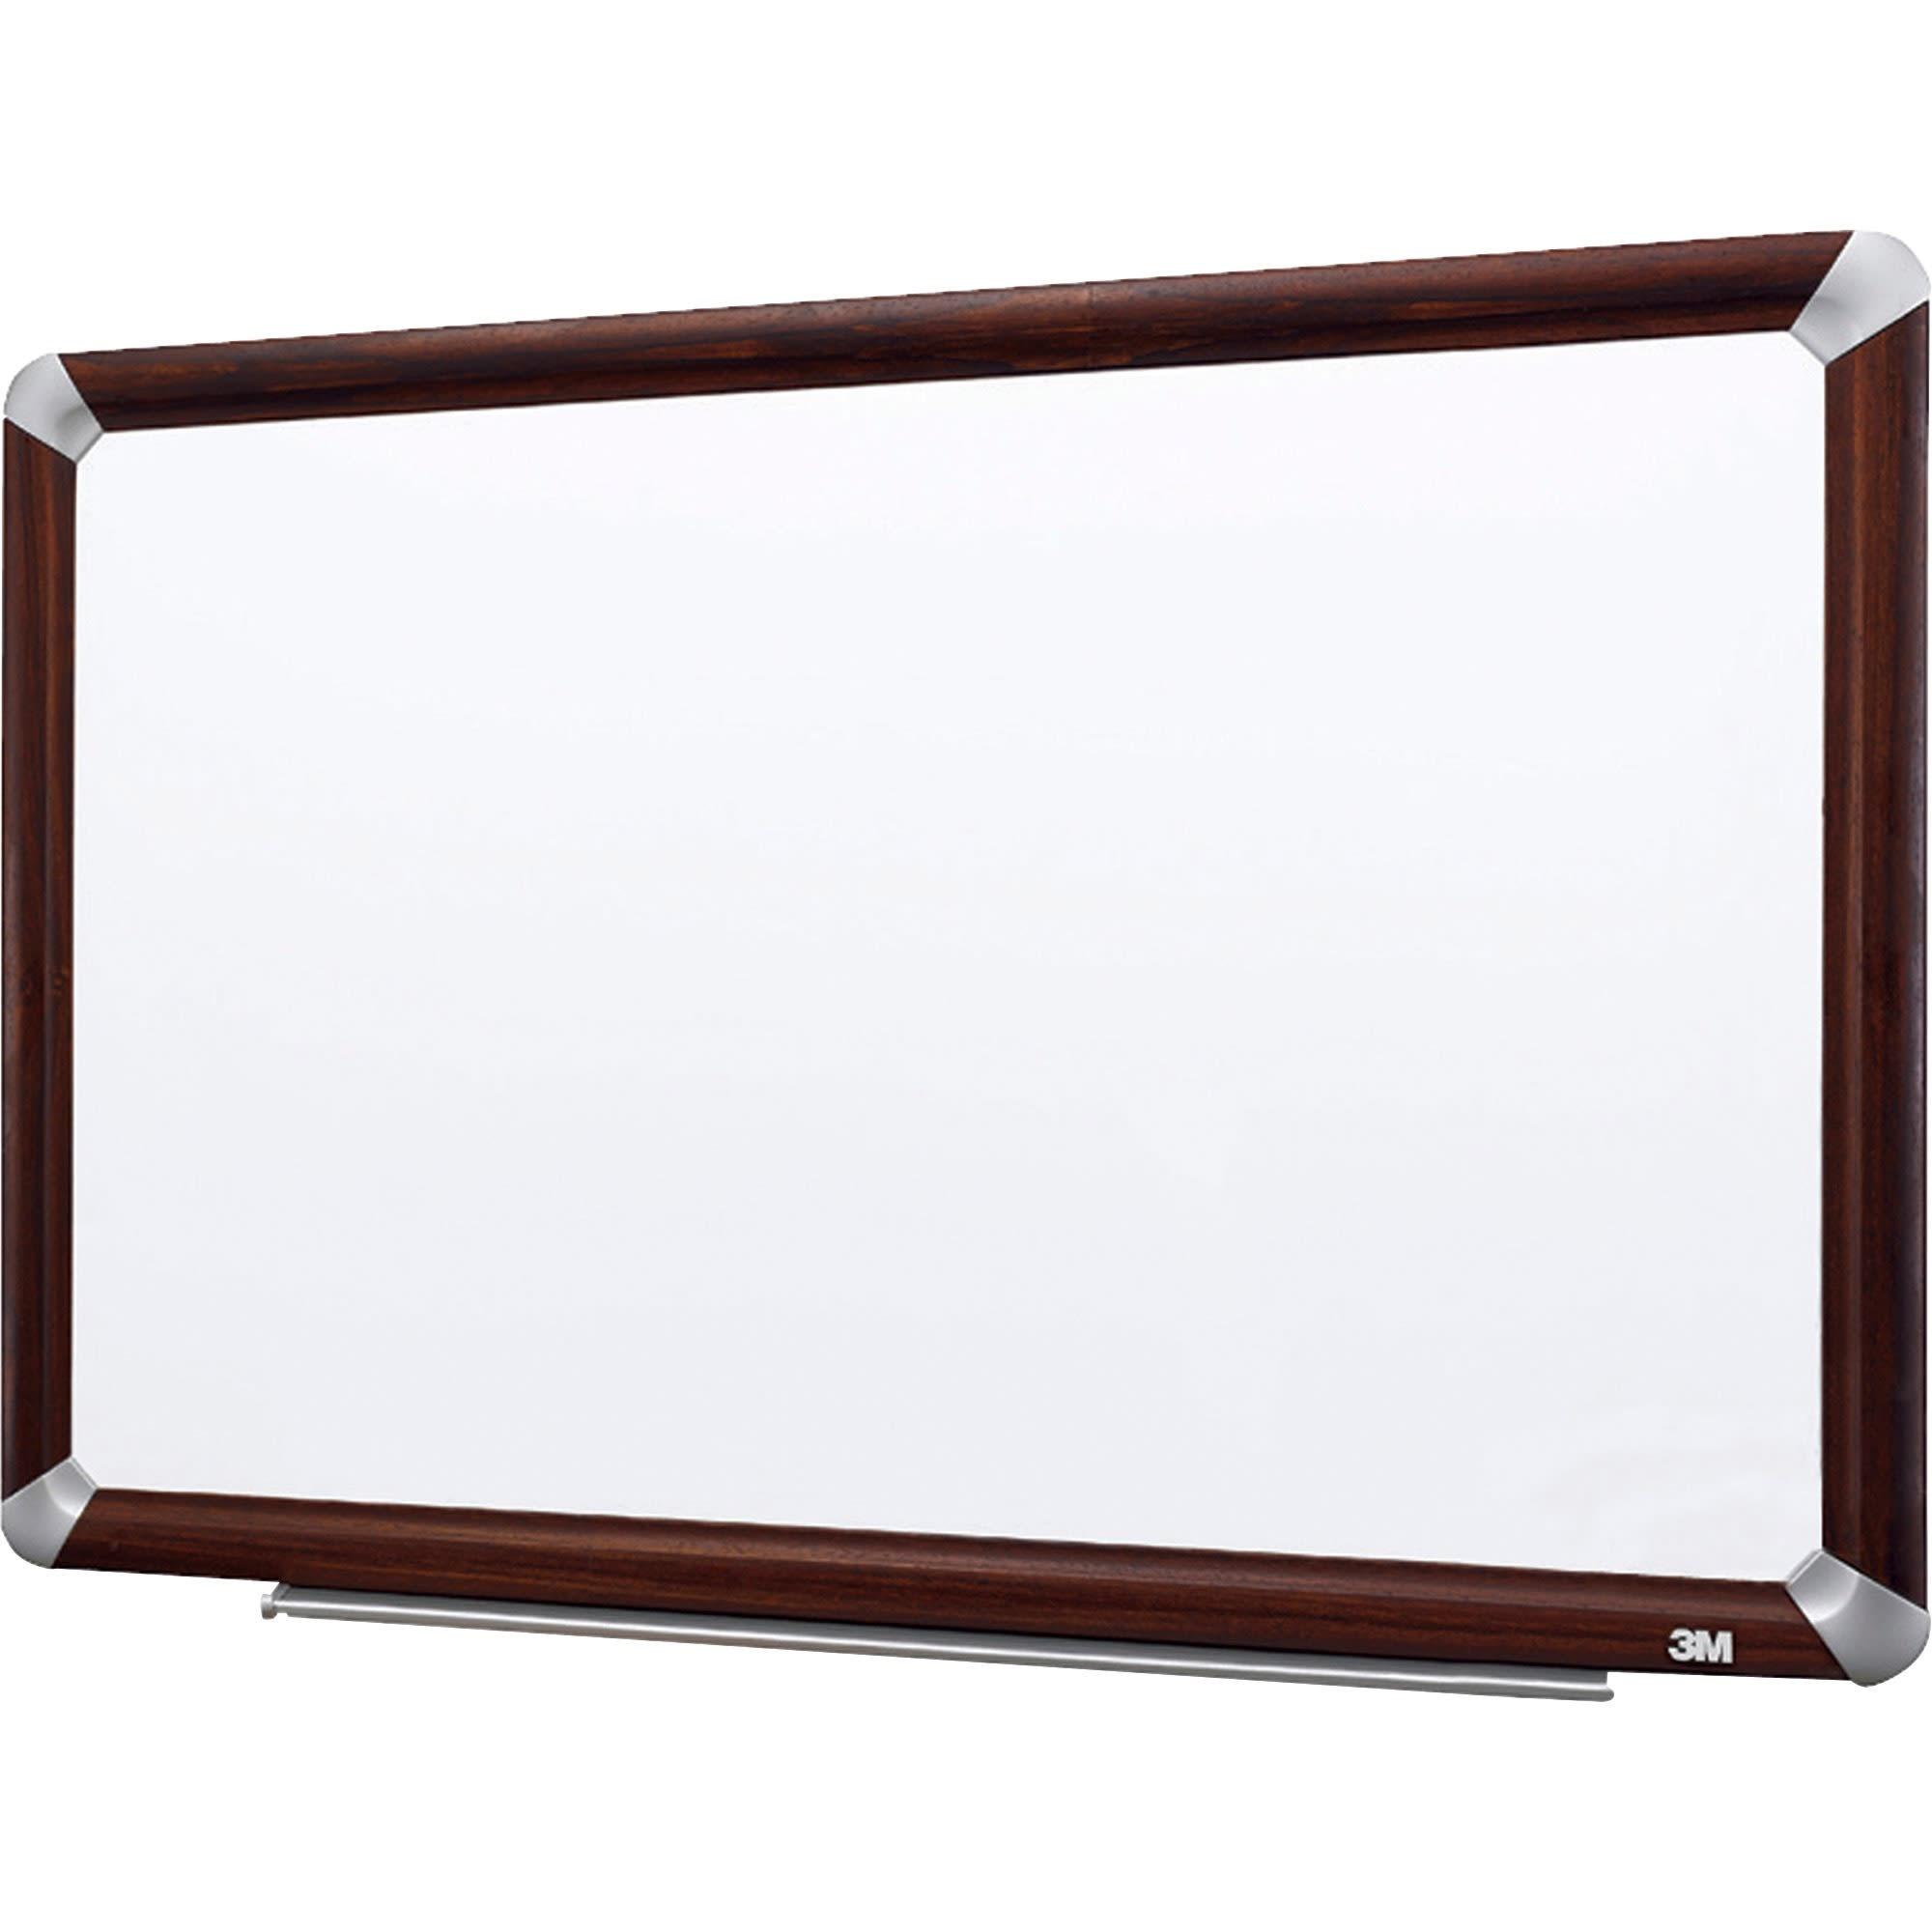 """3M™ Melamine Dry-Erase Board With Elegant-Style Aluminum Frame, Mahogany Finish, 72"""" x 48"""""""